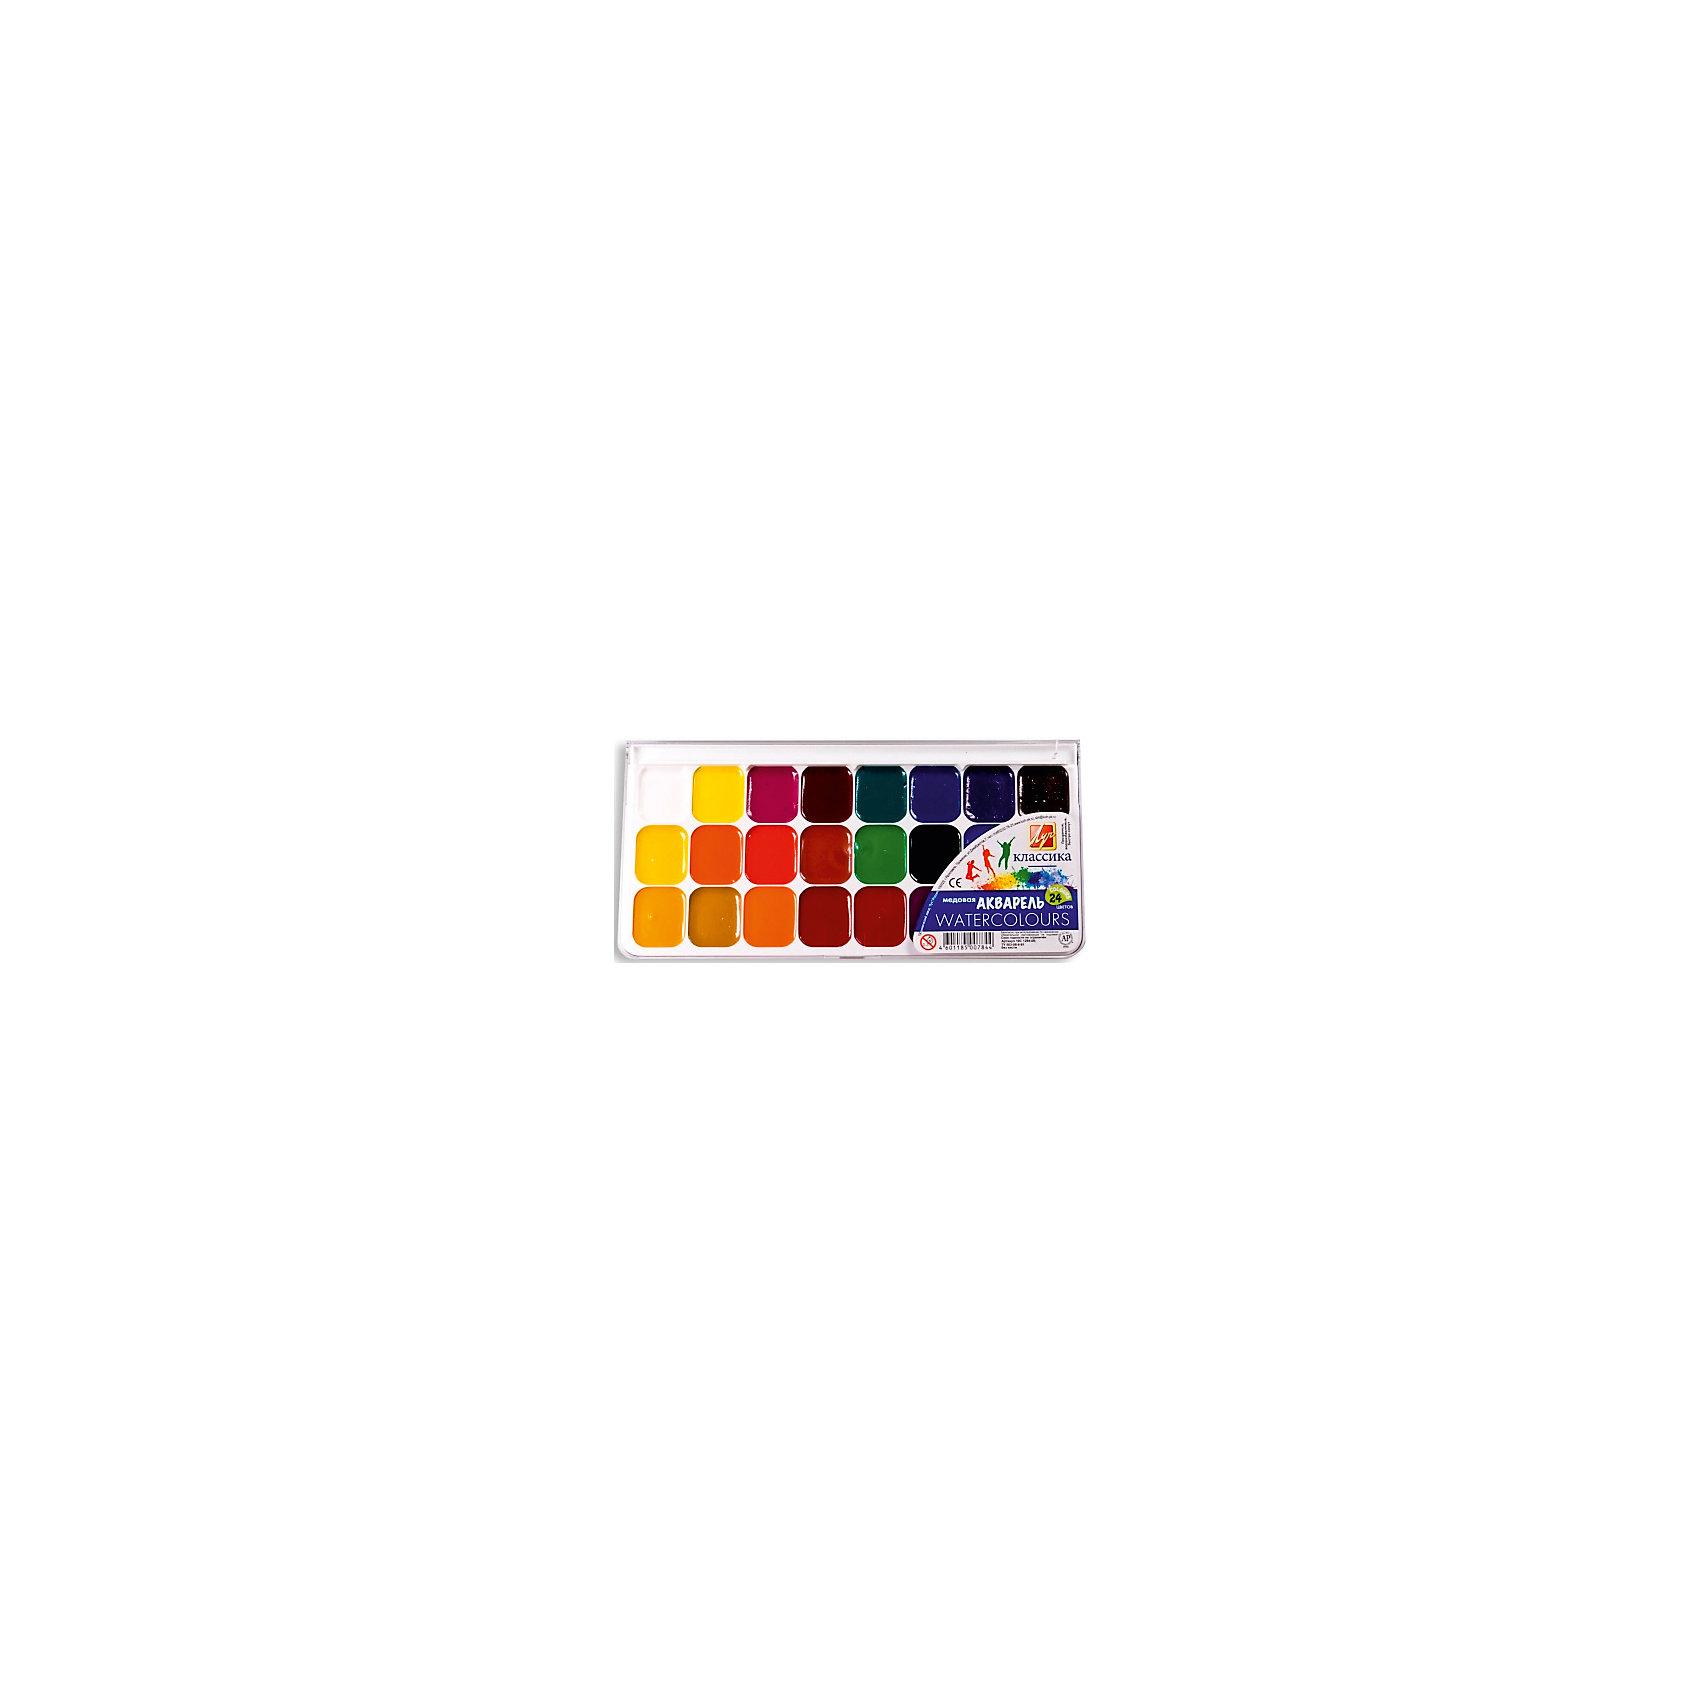 ЛУЧ Акварель 24 цветаРисование и лепка<br>Характеристики товара:<br><br>• количество цветов: 24;<br>• кисть в комплекте;<br>• изготовлены с добавлением меда и патоки;<br>• размер упаковки: 1,5х10х16 см;<br>• вес: 155 грамм;<br>• возраст: от 3 лет.<br><br>Медовая акварель отлично подойдет для создания рисунков, поделок и раскрашивания. Палитра включает 24 ярких, насыщенных оттенков. Для рисования достаточно немного намочить кисть и окунуть ее в краску. После нанесения краска быстро высыхает, оставляя полупрозрачный цвет. Акварель изготовлена на основе натуральных компонентов,  с добавлением патоки и меда. В комплект входит кисточка.<br><br>ЛУЧ Акварель 24 цвета можно купить в нашем интернет-магазине.<br><br>Ширина мм: 160<br>Глубина мм: 130<br>Высота мм: 15<br>Вес г: 184<br>Возраст от месяцев: 36<br>Возраст до месяцев: 168<br>Пол: Унисекс<br>Возраст: Детский<br>SKU: 6858997